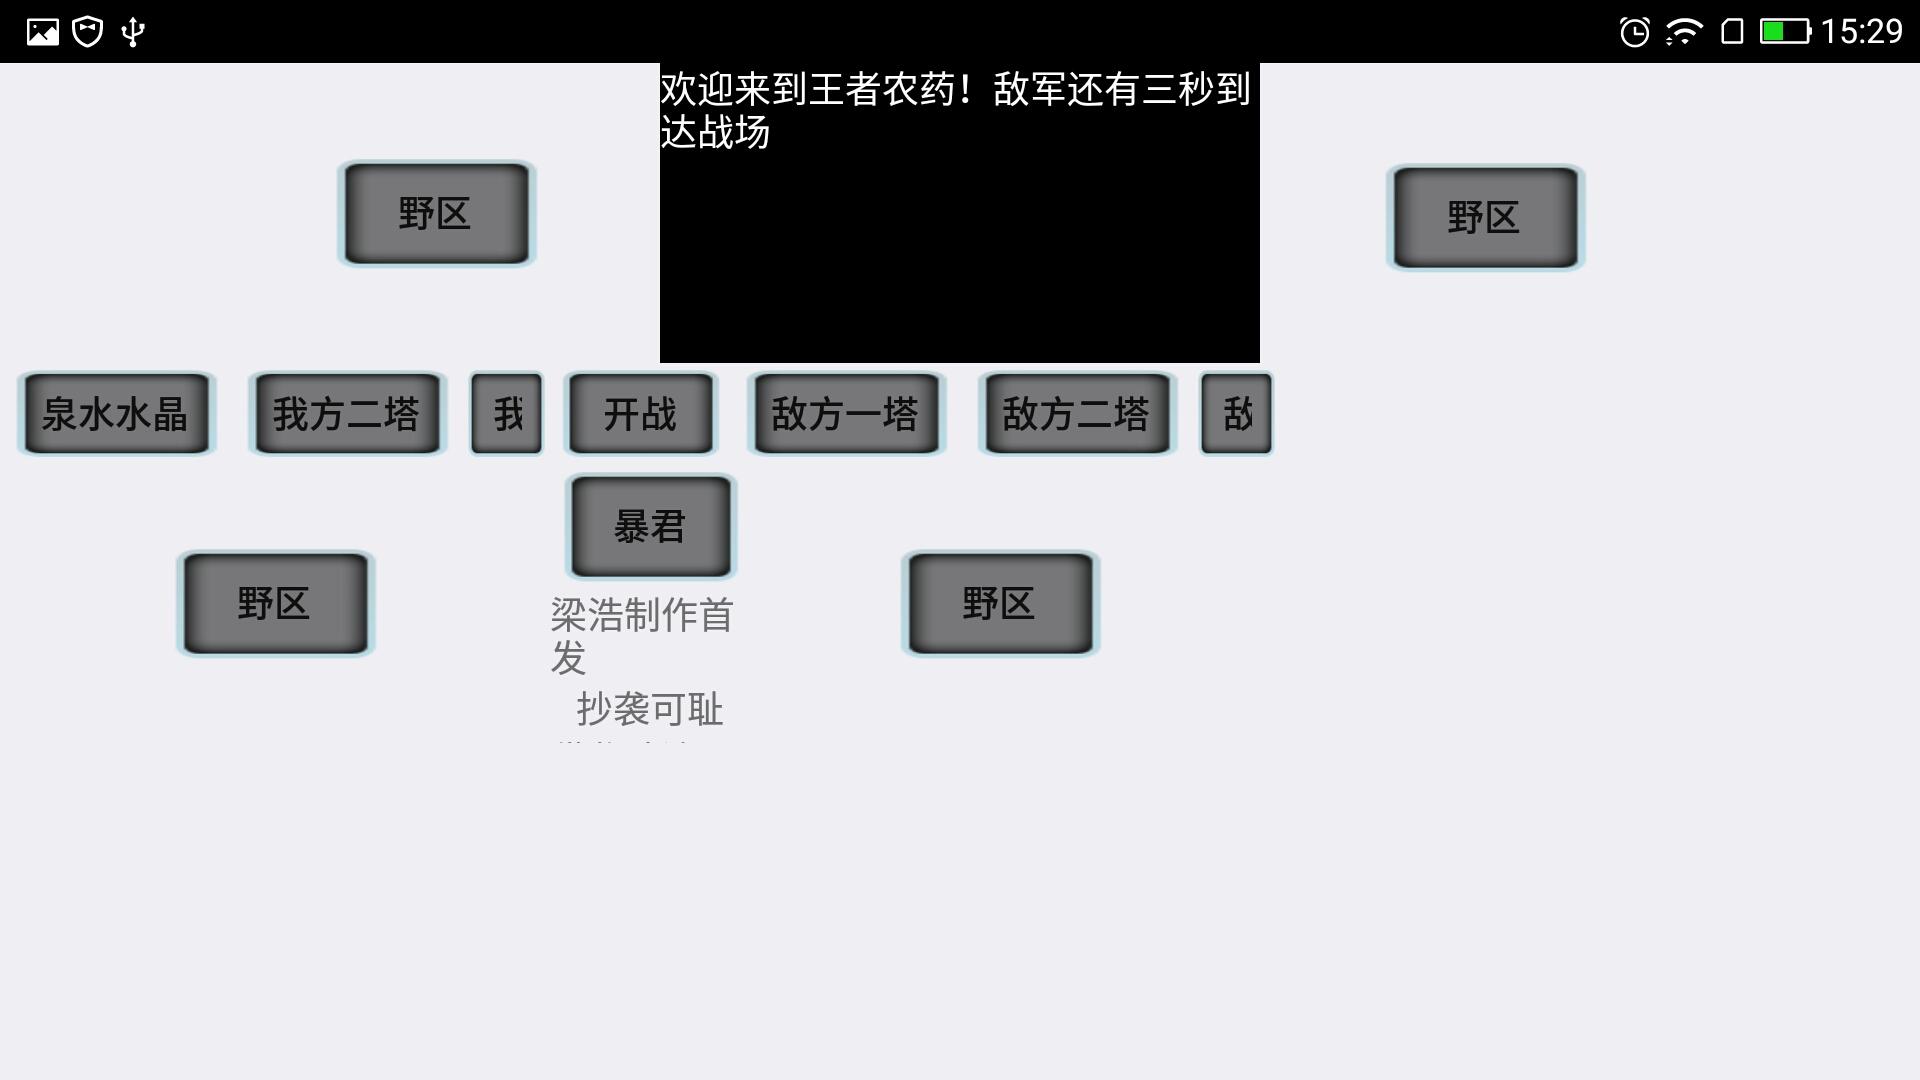 王者荣耀文字版 v1.03截图